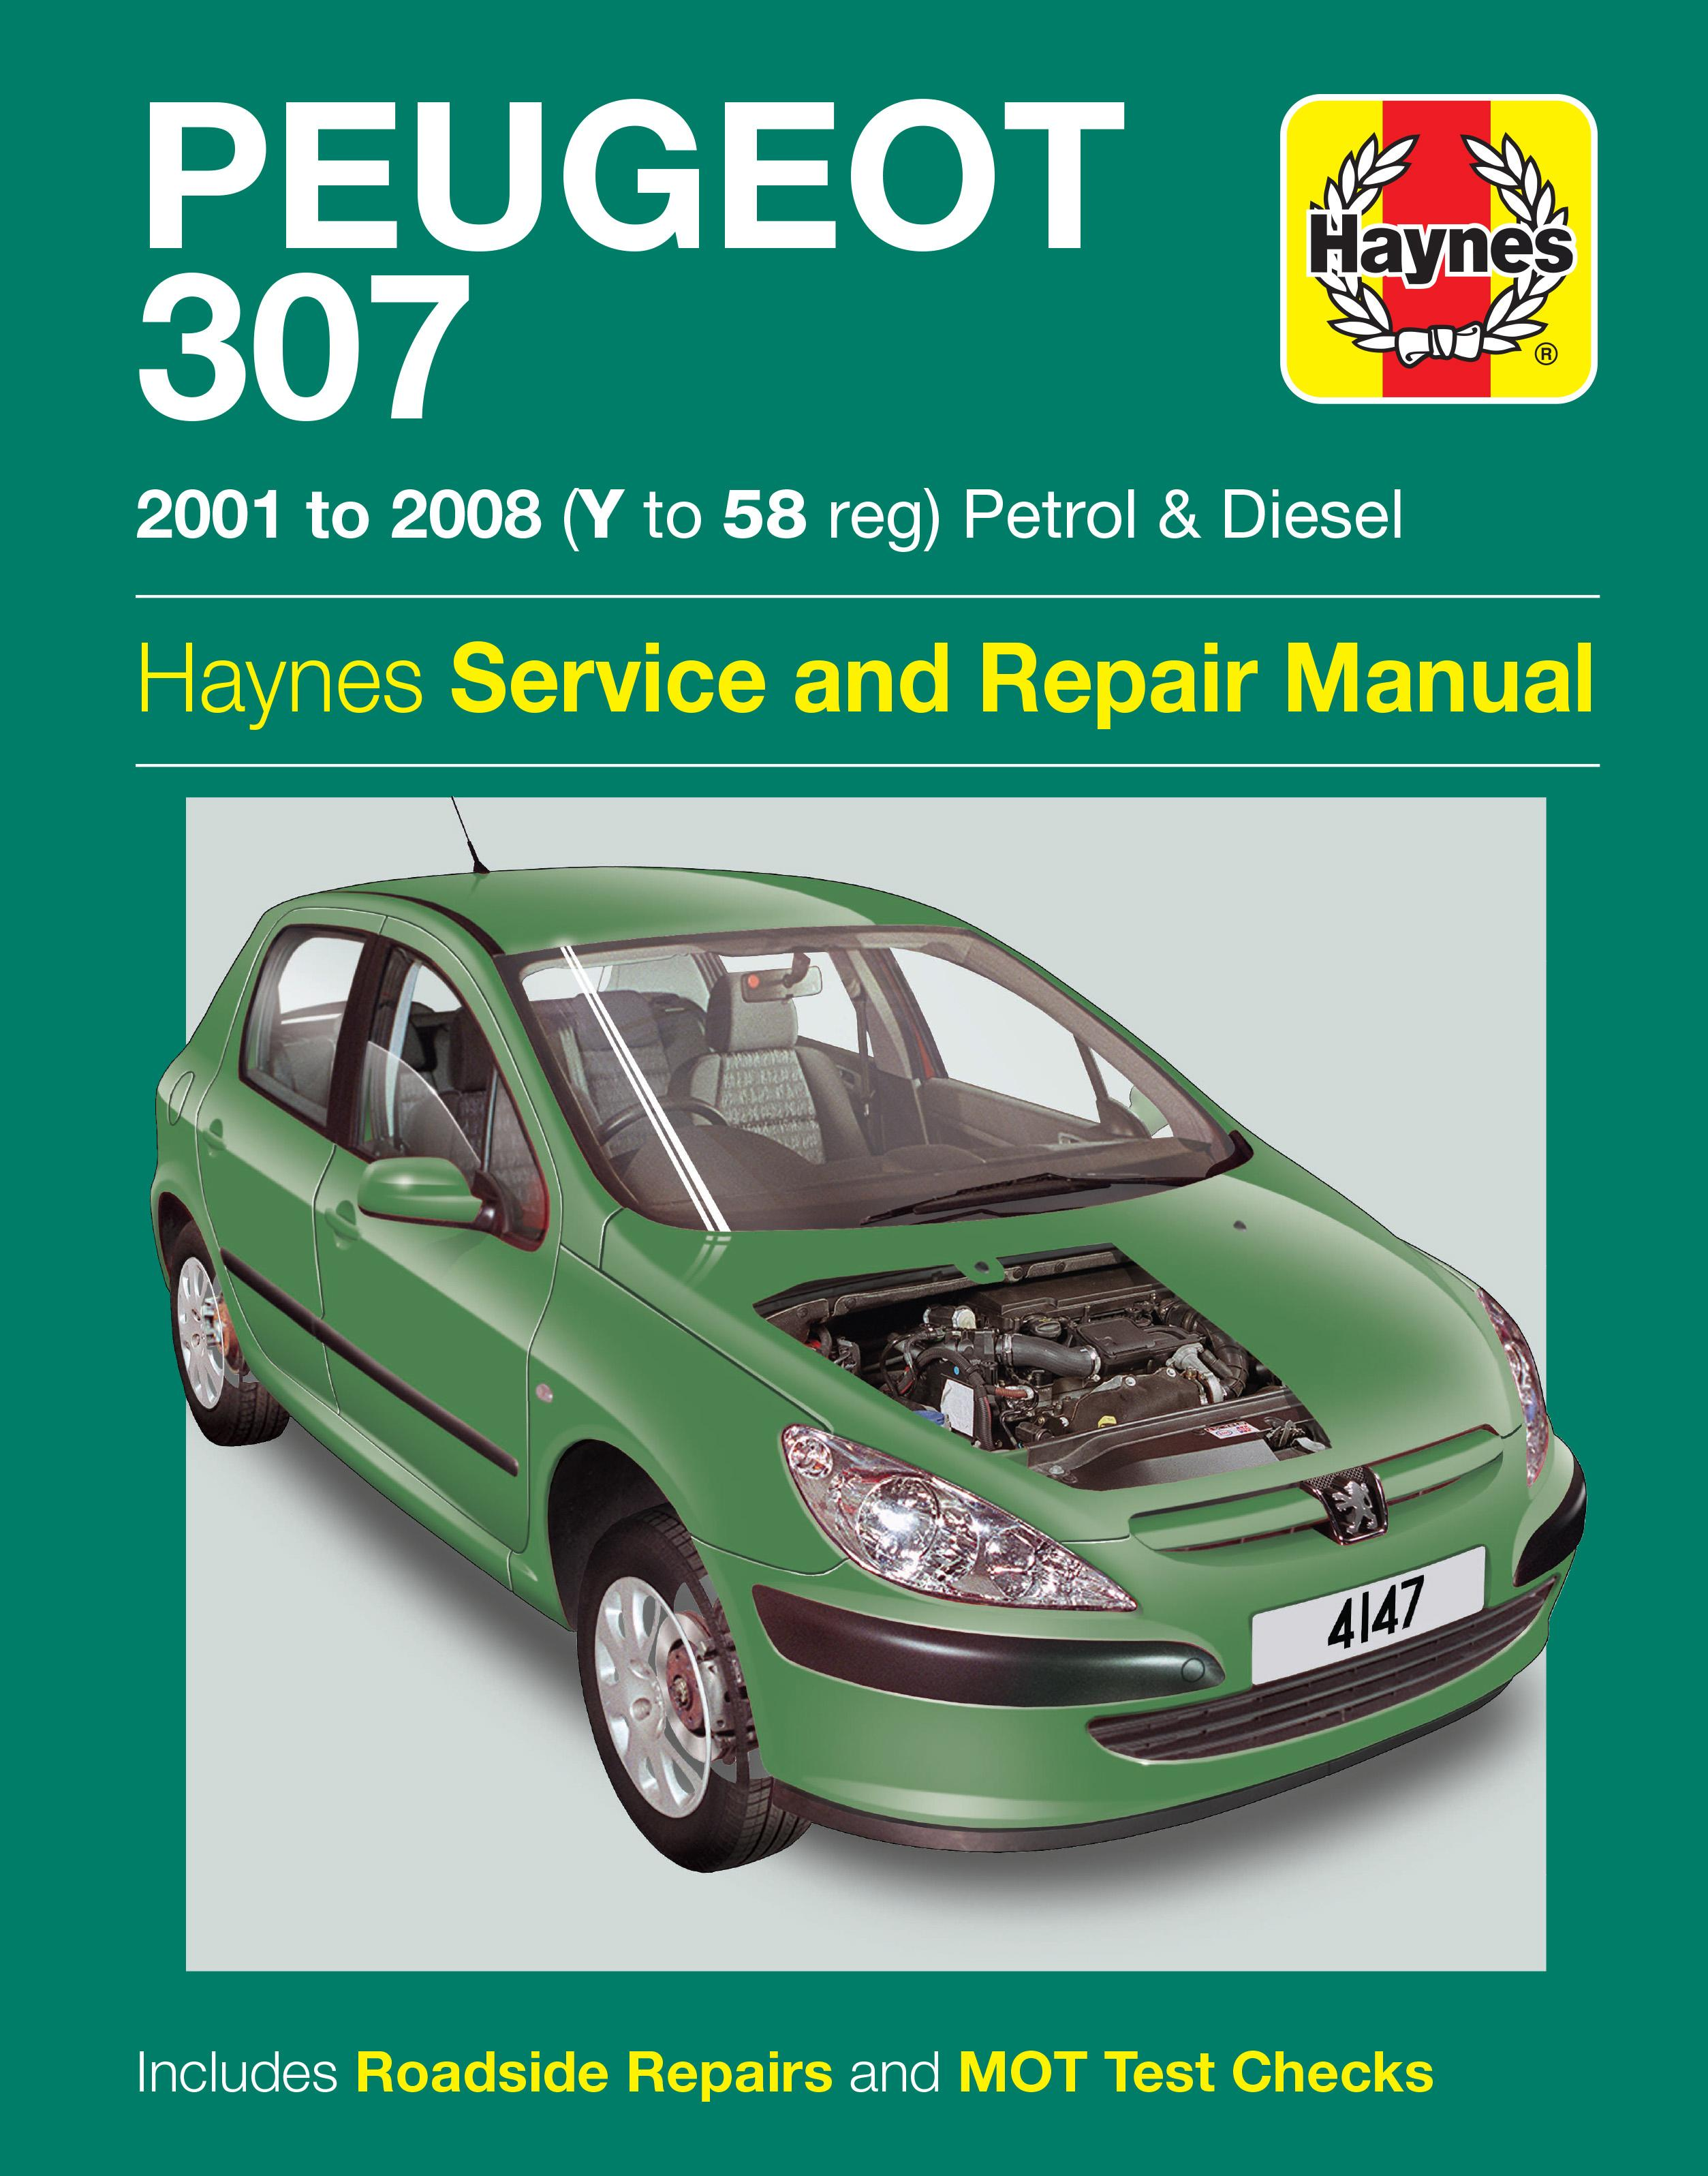 haynes peugeot 307 01 08 manual rh halfords com Peugeot 206 CC Peugeot 307 CC Sports